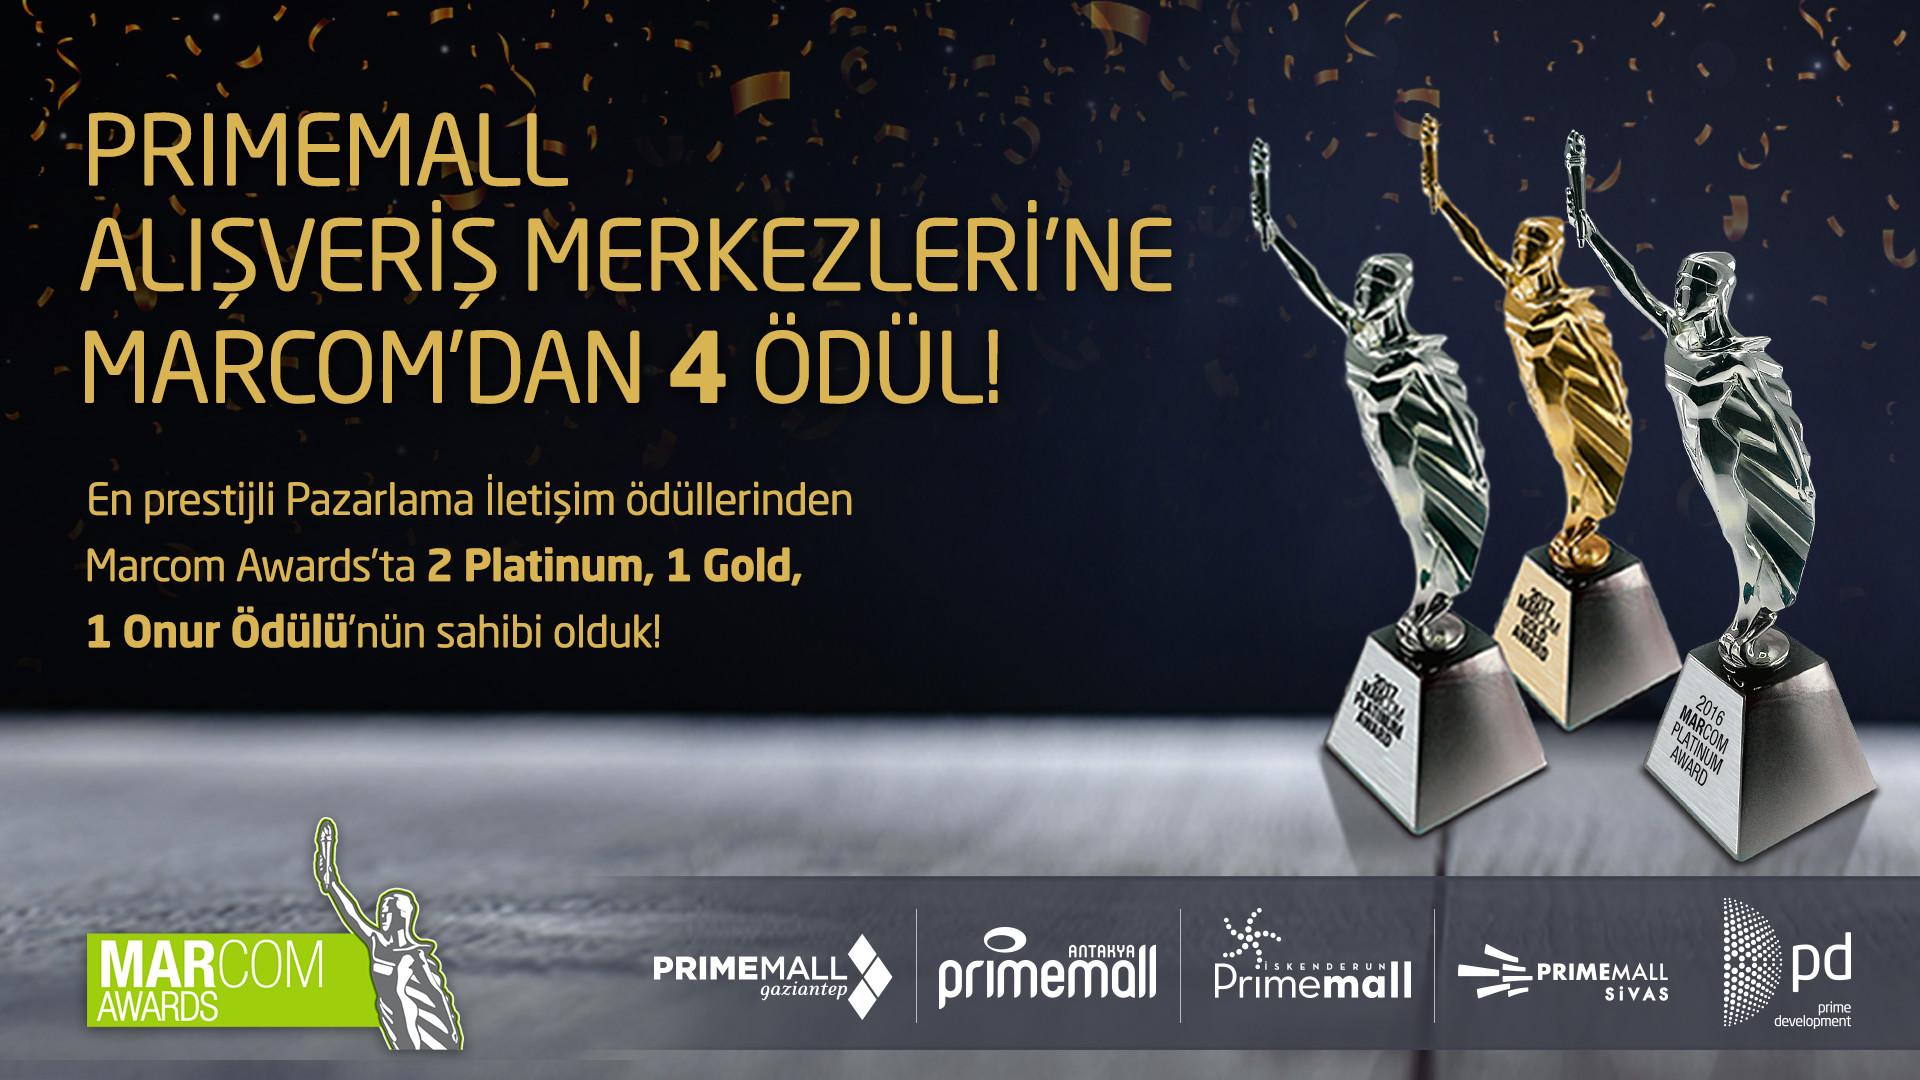 Primemall Alışveriş Merkezlerine Marcom'dan 4 Ödül!